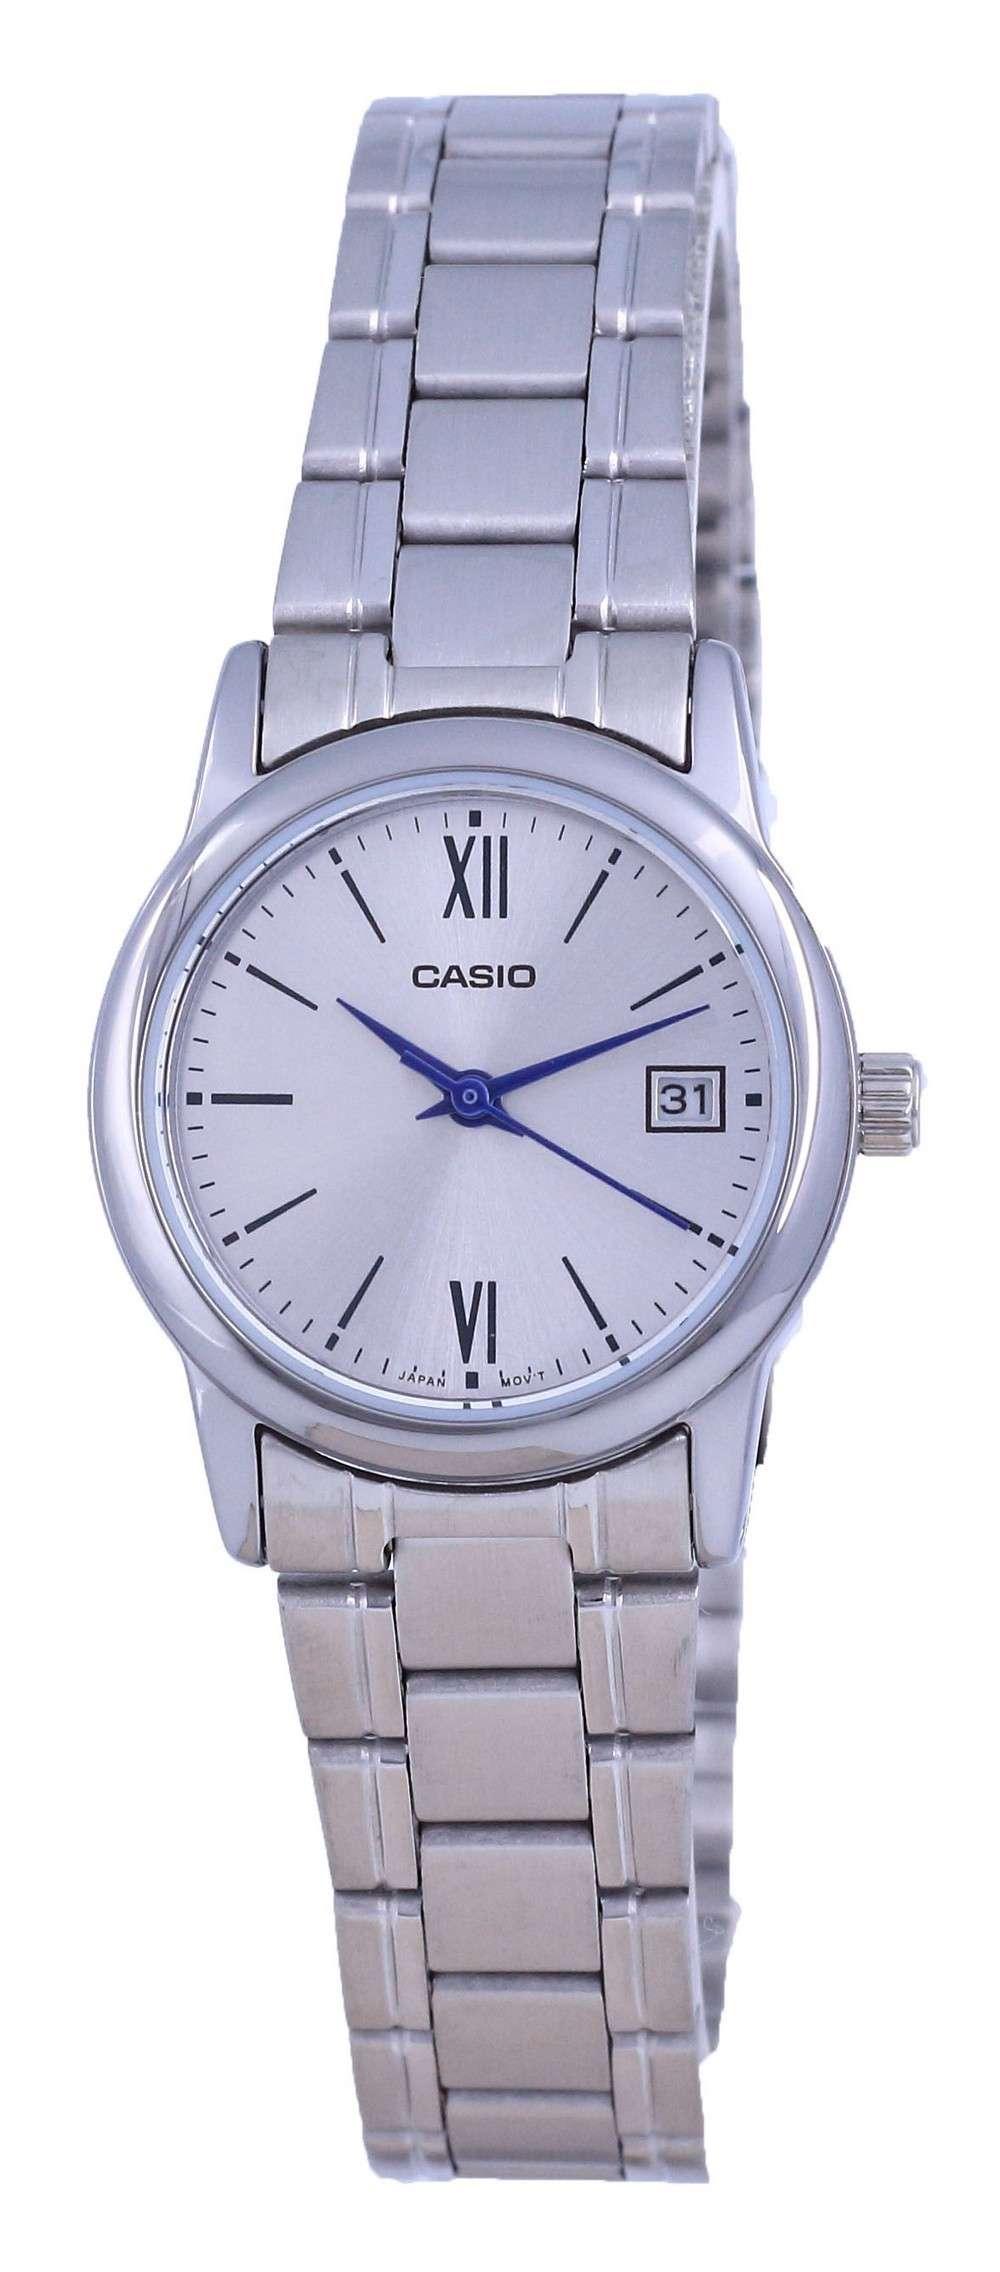 Reloj Casio de cuarzo analógico de acero inoxidable con esfera plateada LTP-V002D-7B3 LTPV002D-7 para mujer